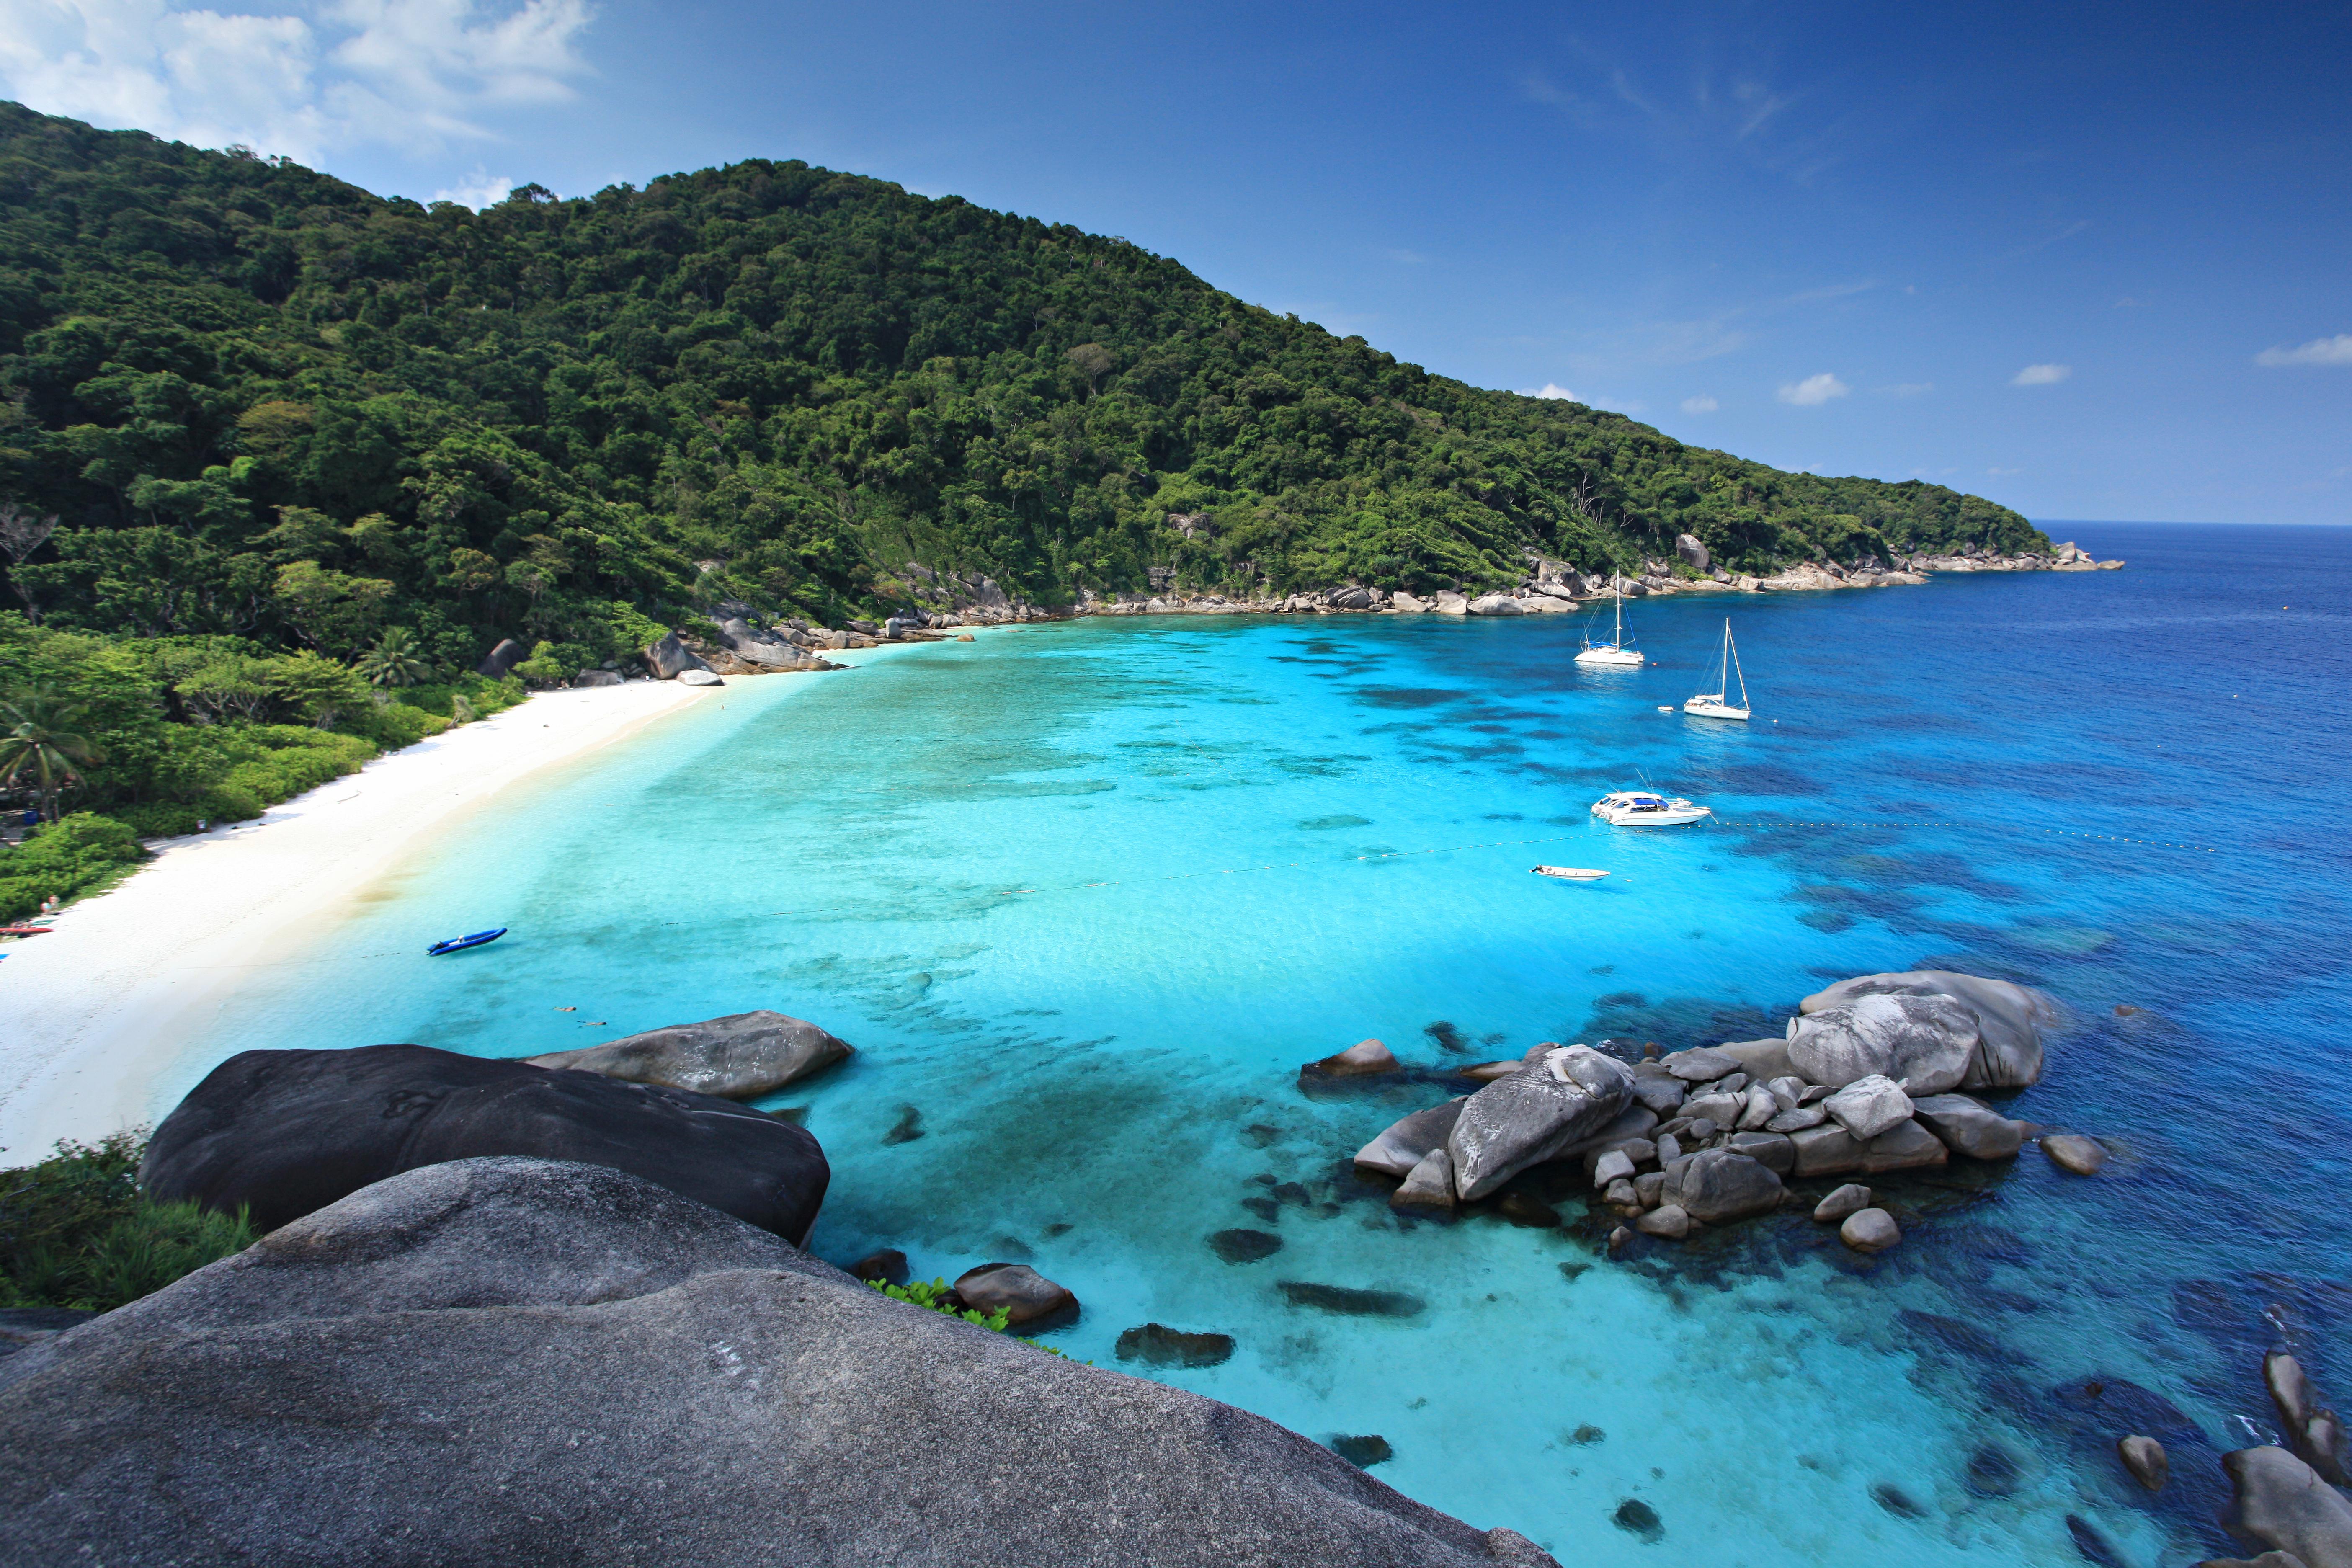 Schoonste stranden van Thailand